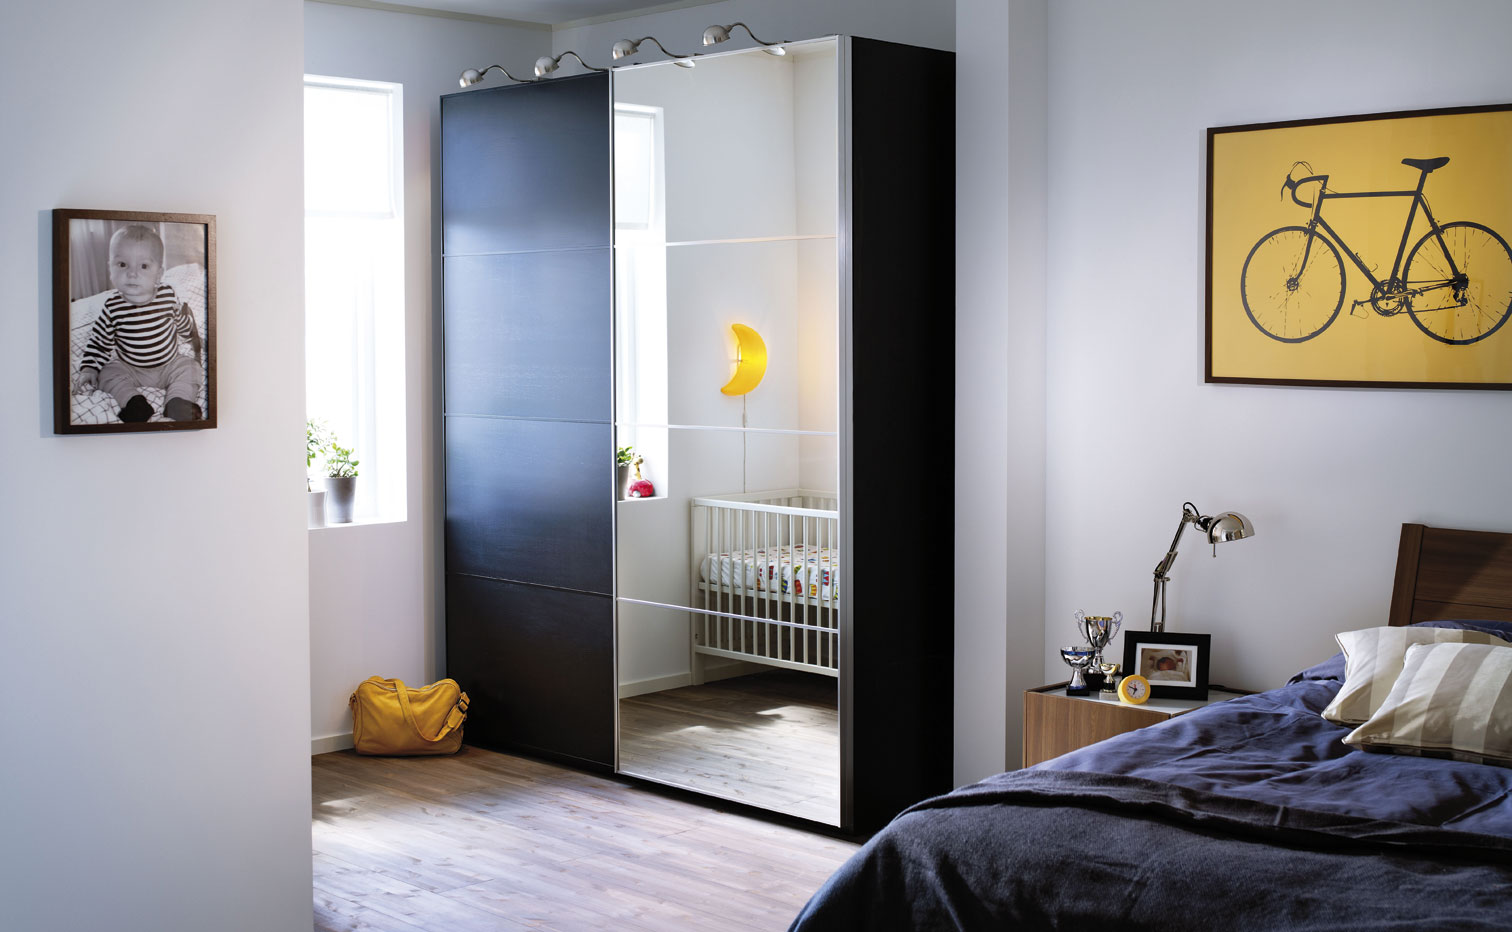 Decoracion ikea dormitorios muebles dormitorios yecla for Carrefour muebles dormitorio